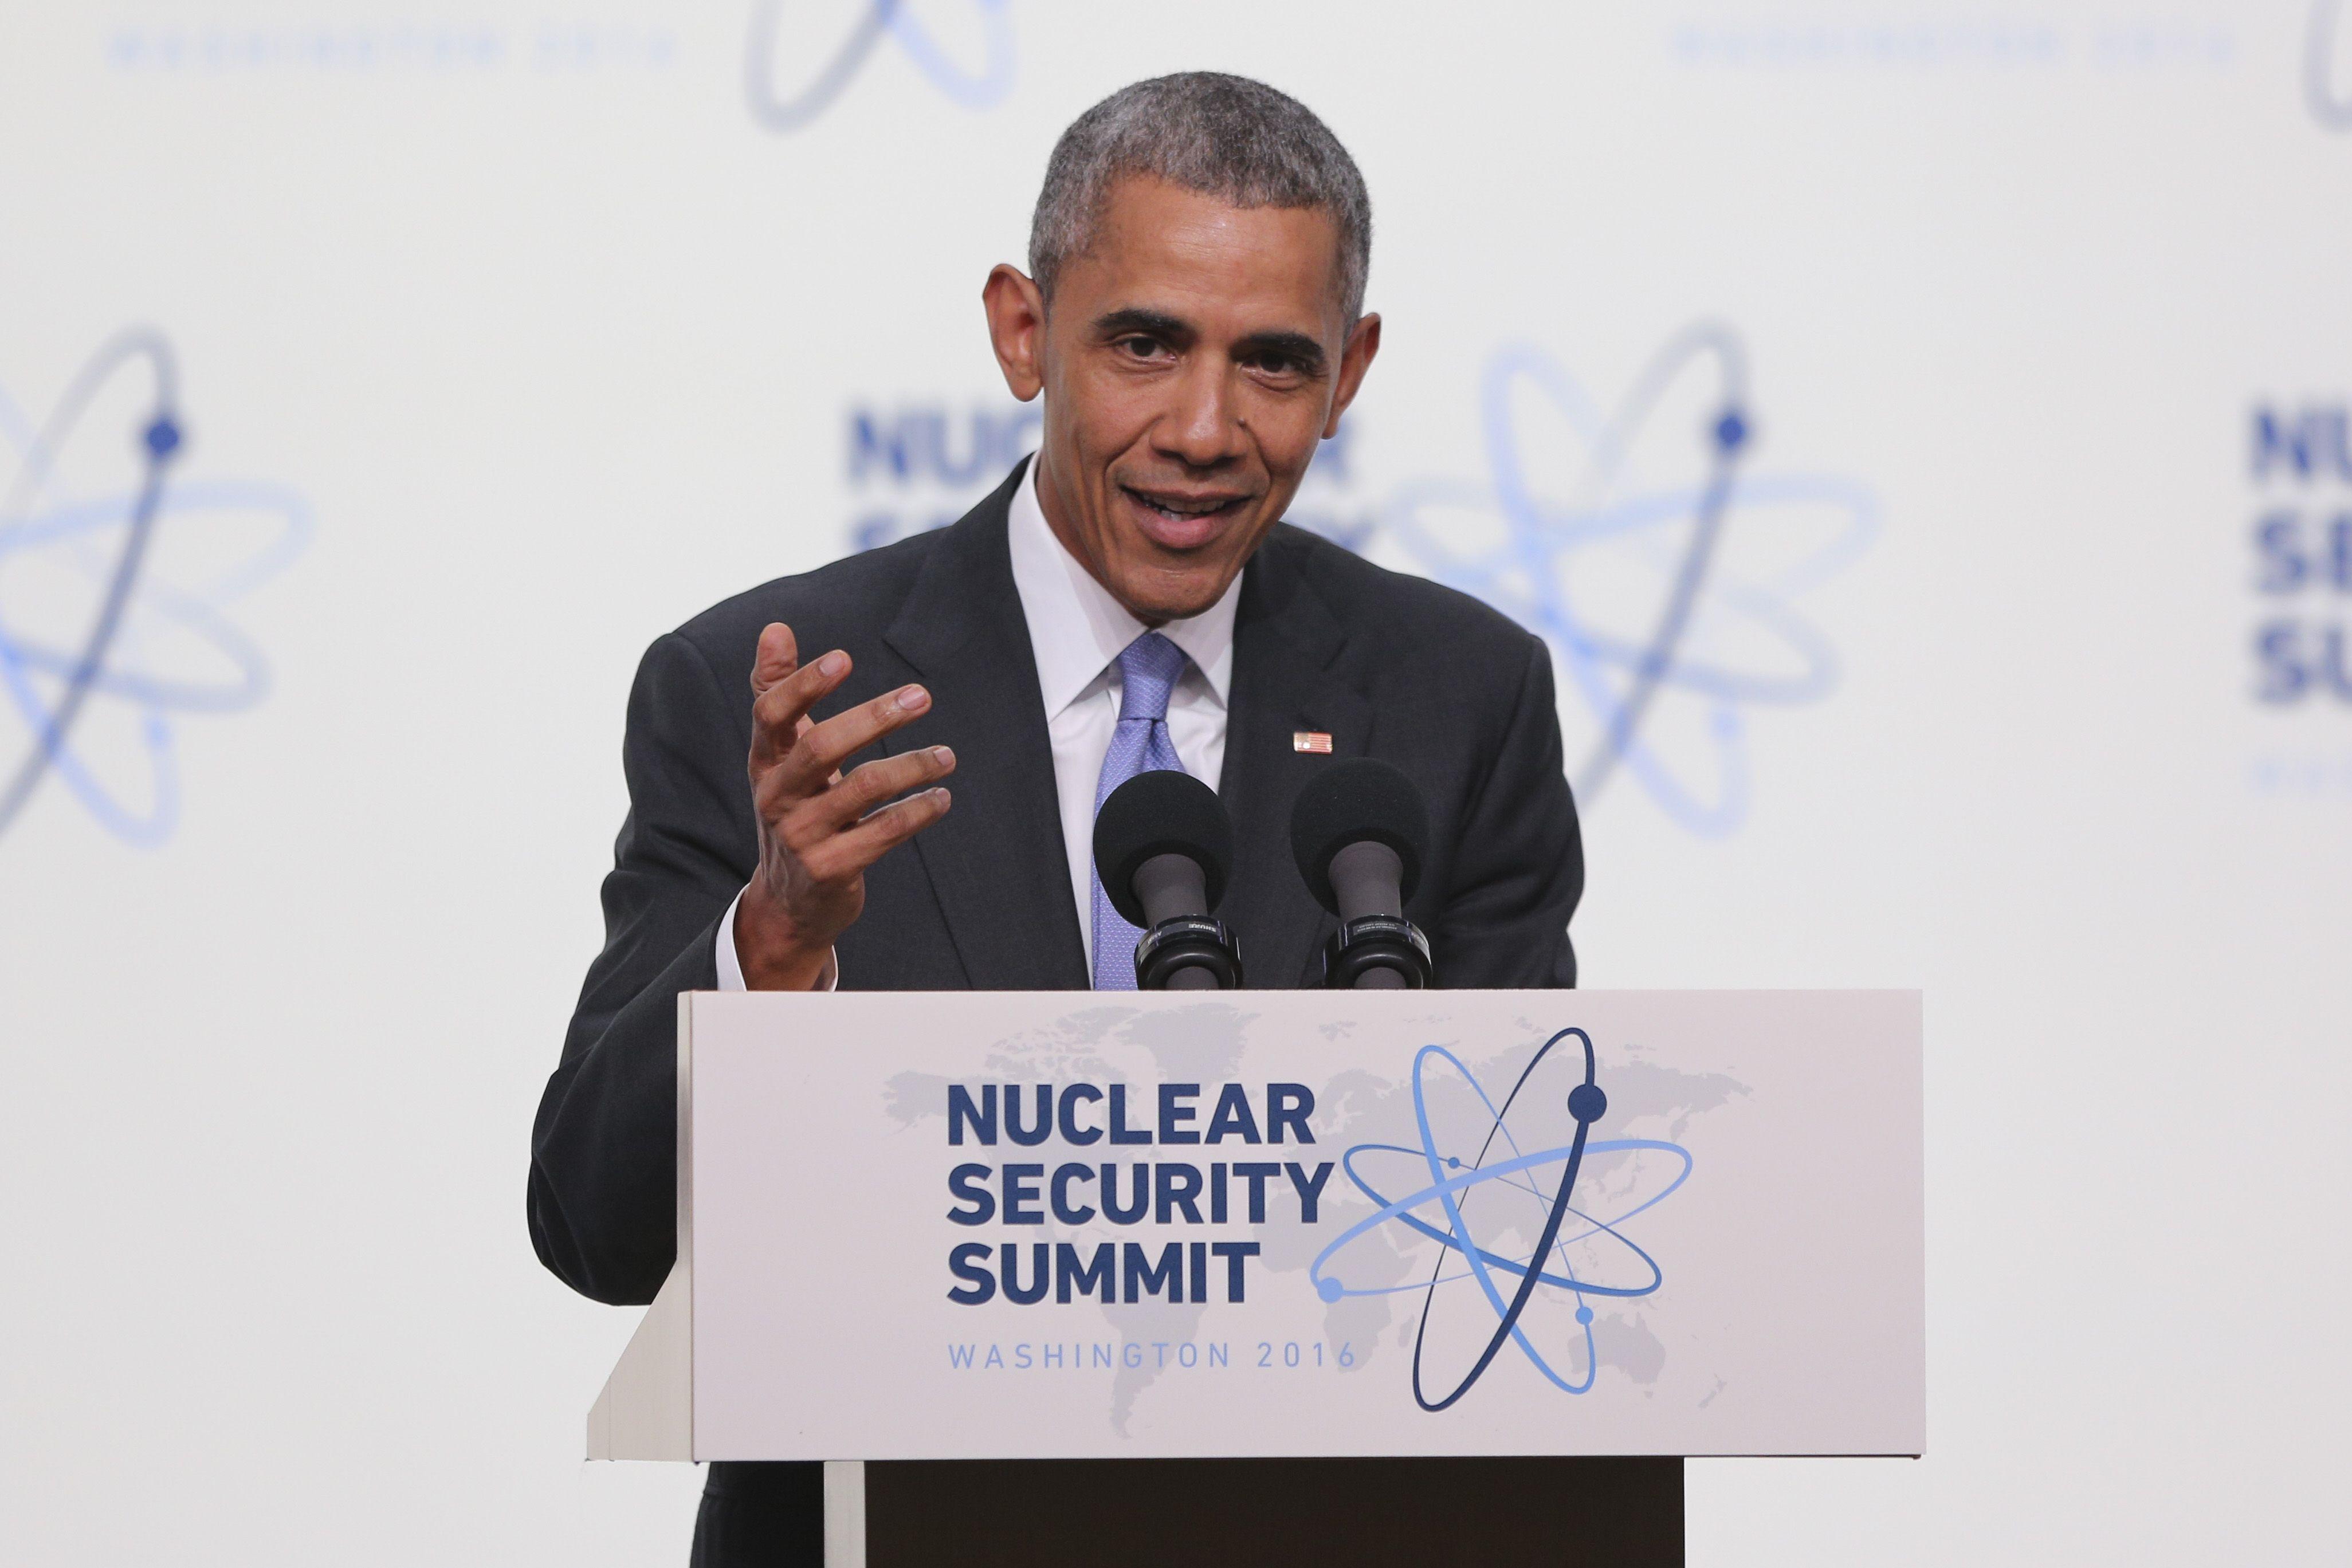 Obama le contestó a Trump sobre su plan nuclear: No sabe nada del mundo